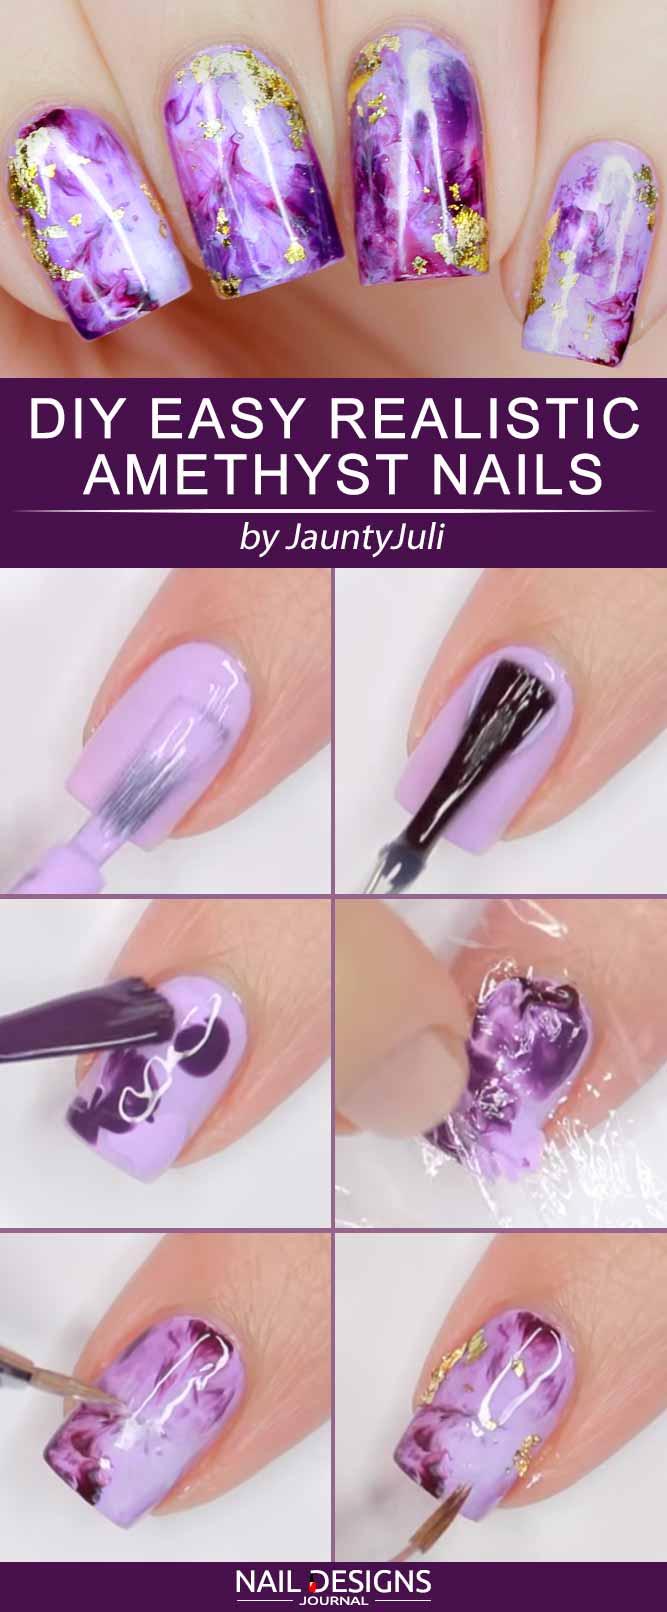 DIY Easy Realistic Amethyst Nails #amethystnails #marblenails #purplenails #foilnails #squarenails